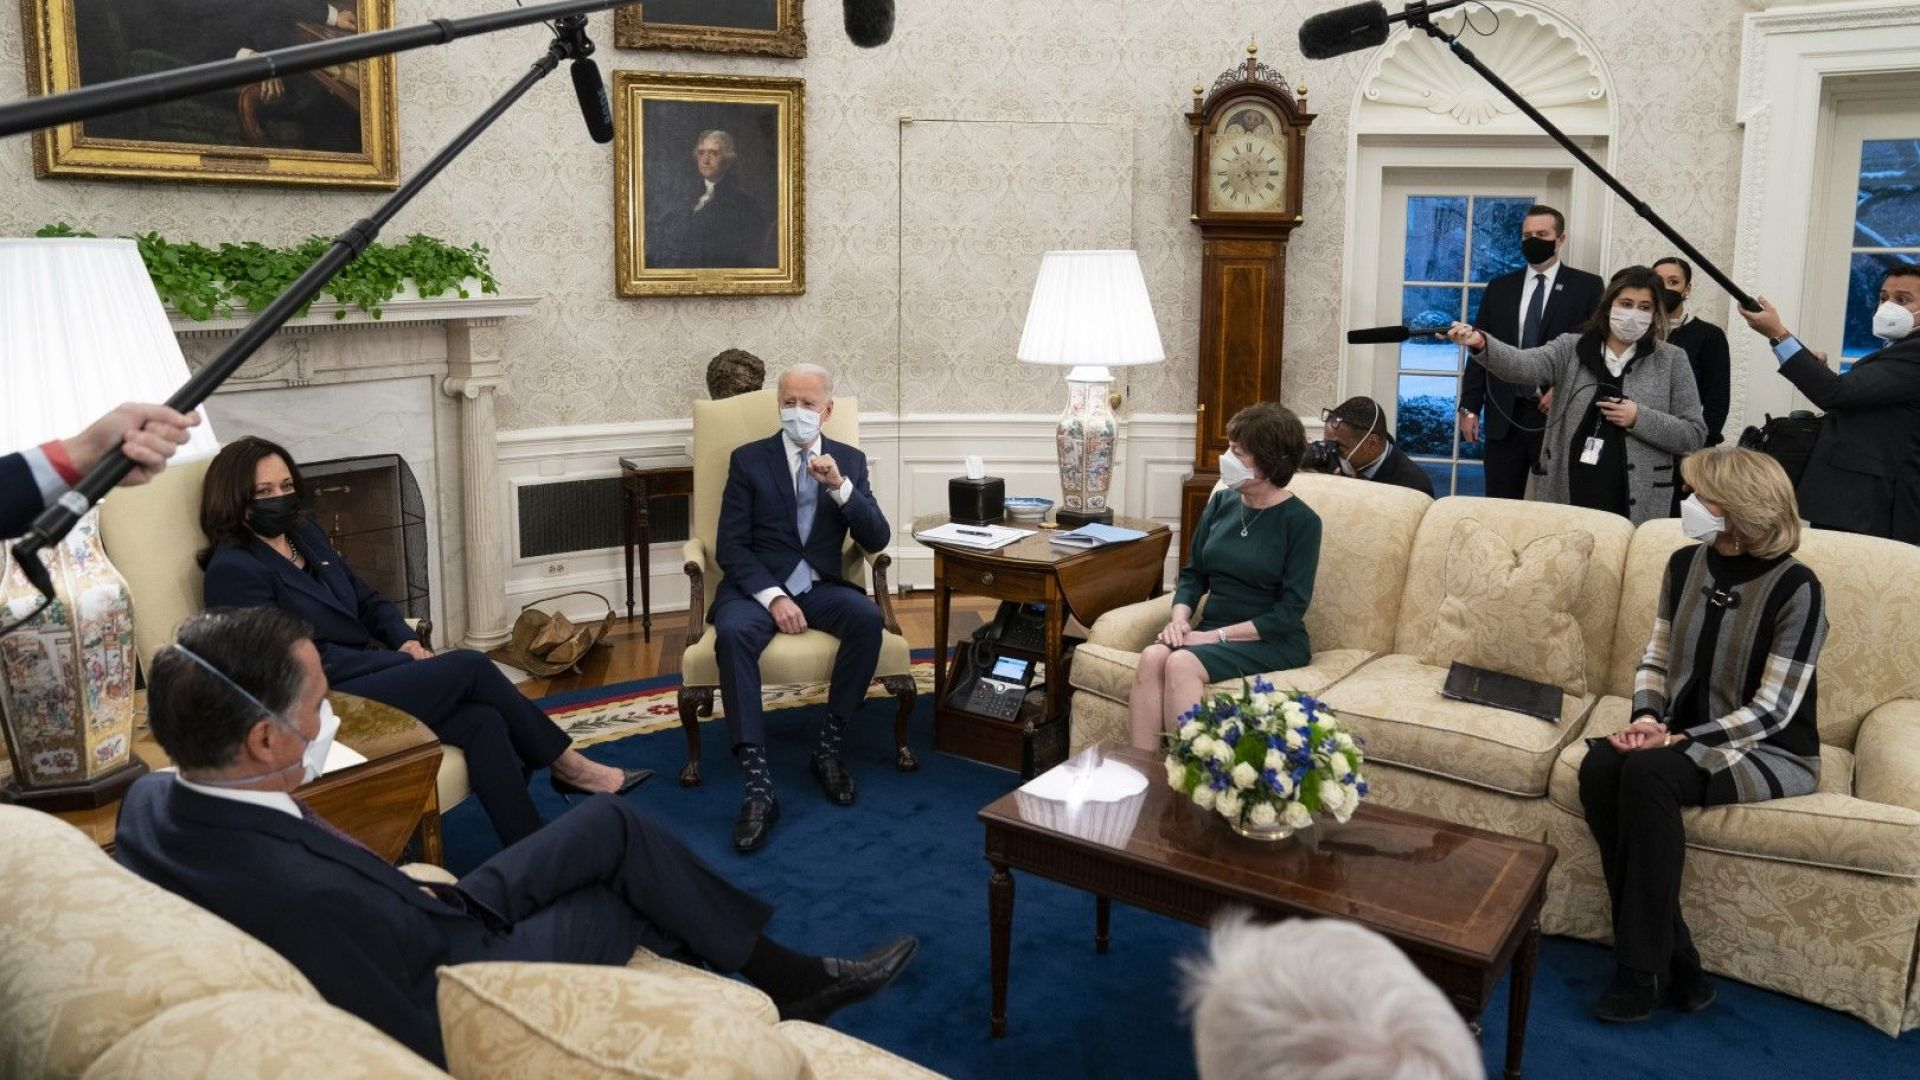 Демократите налагат спасителния план на Байдън въпреки републиканците